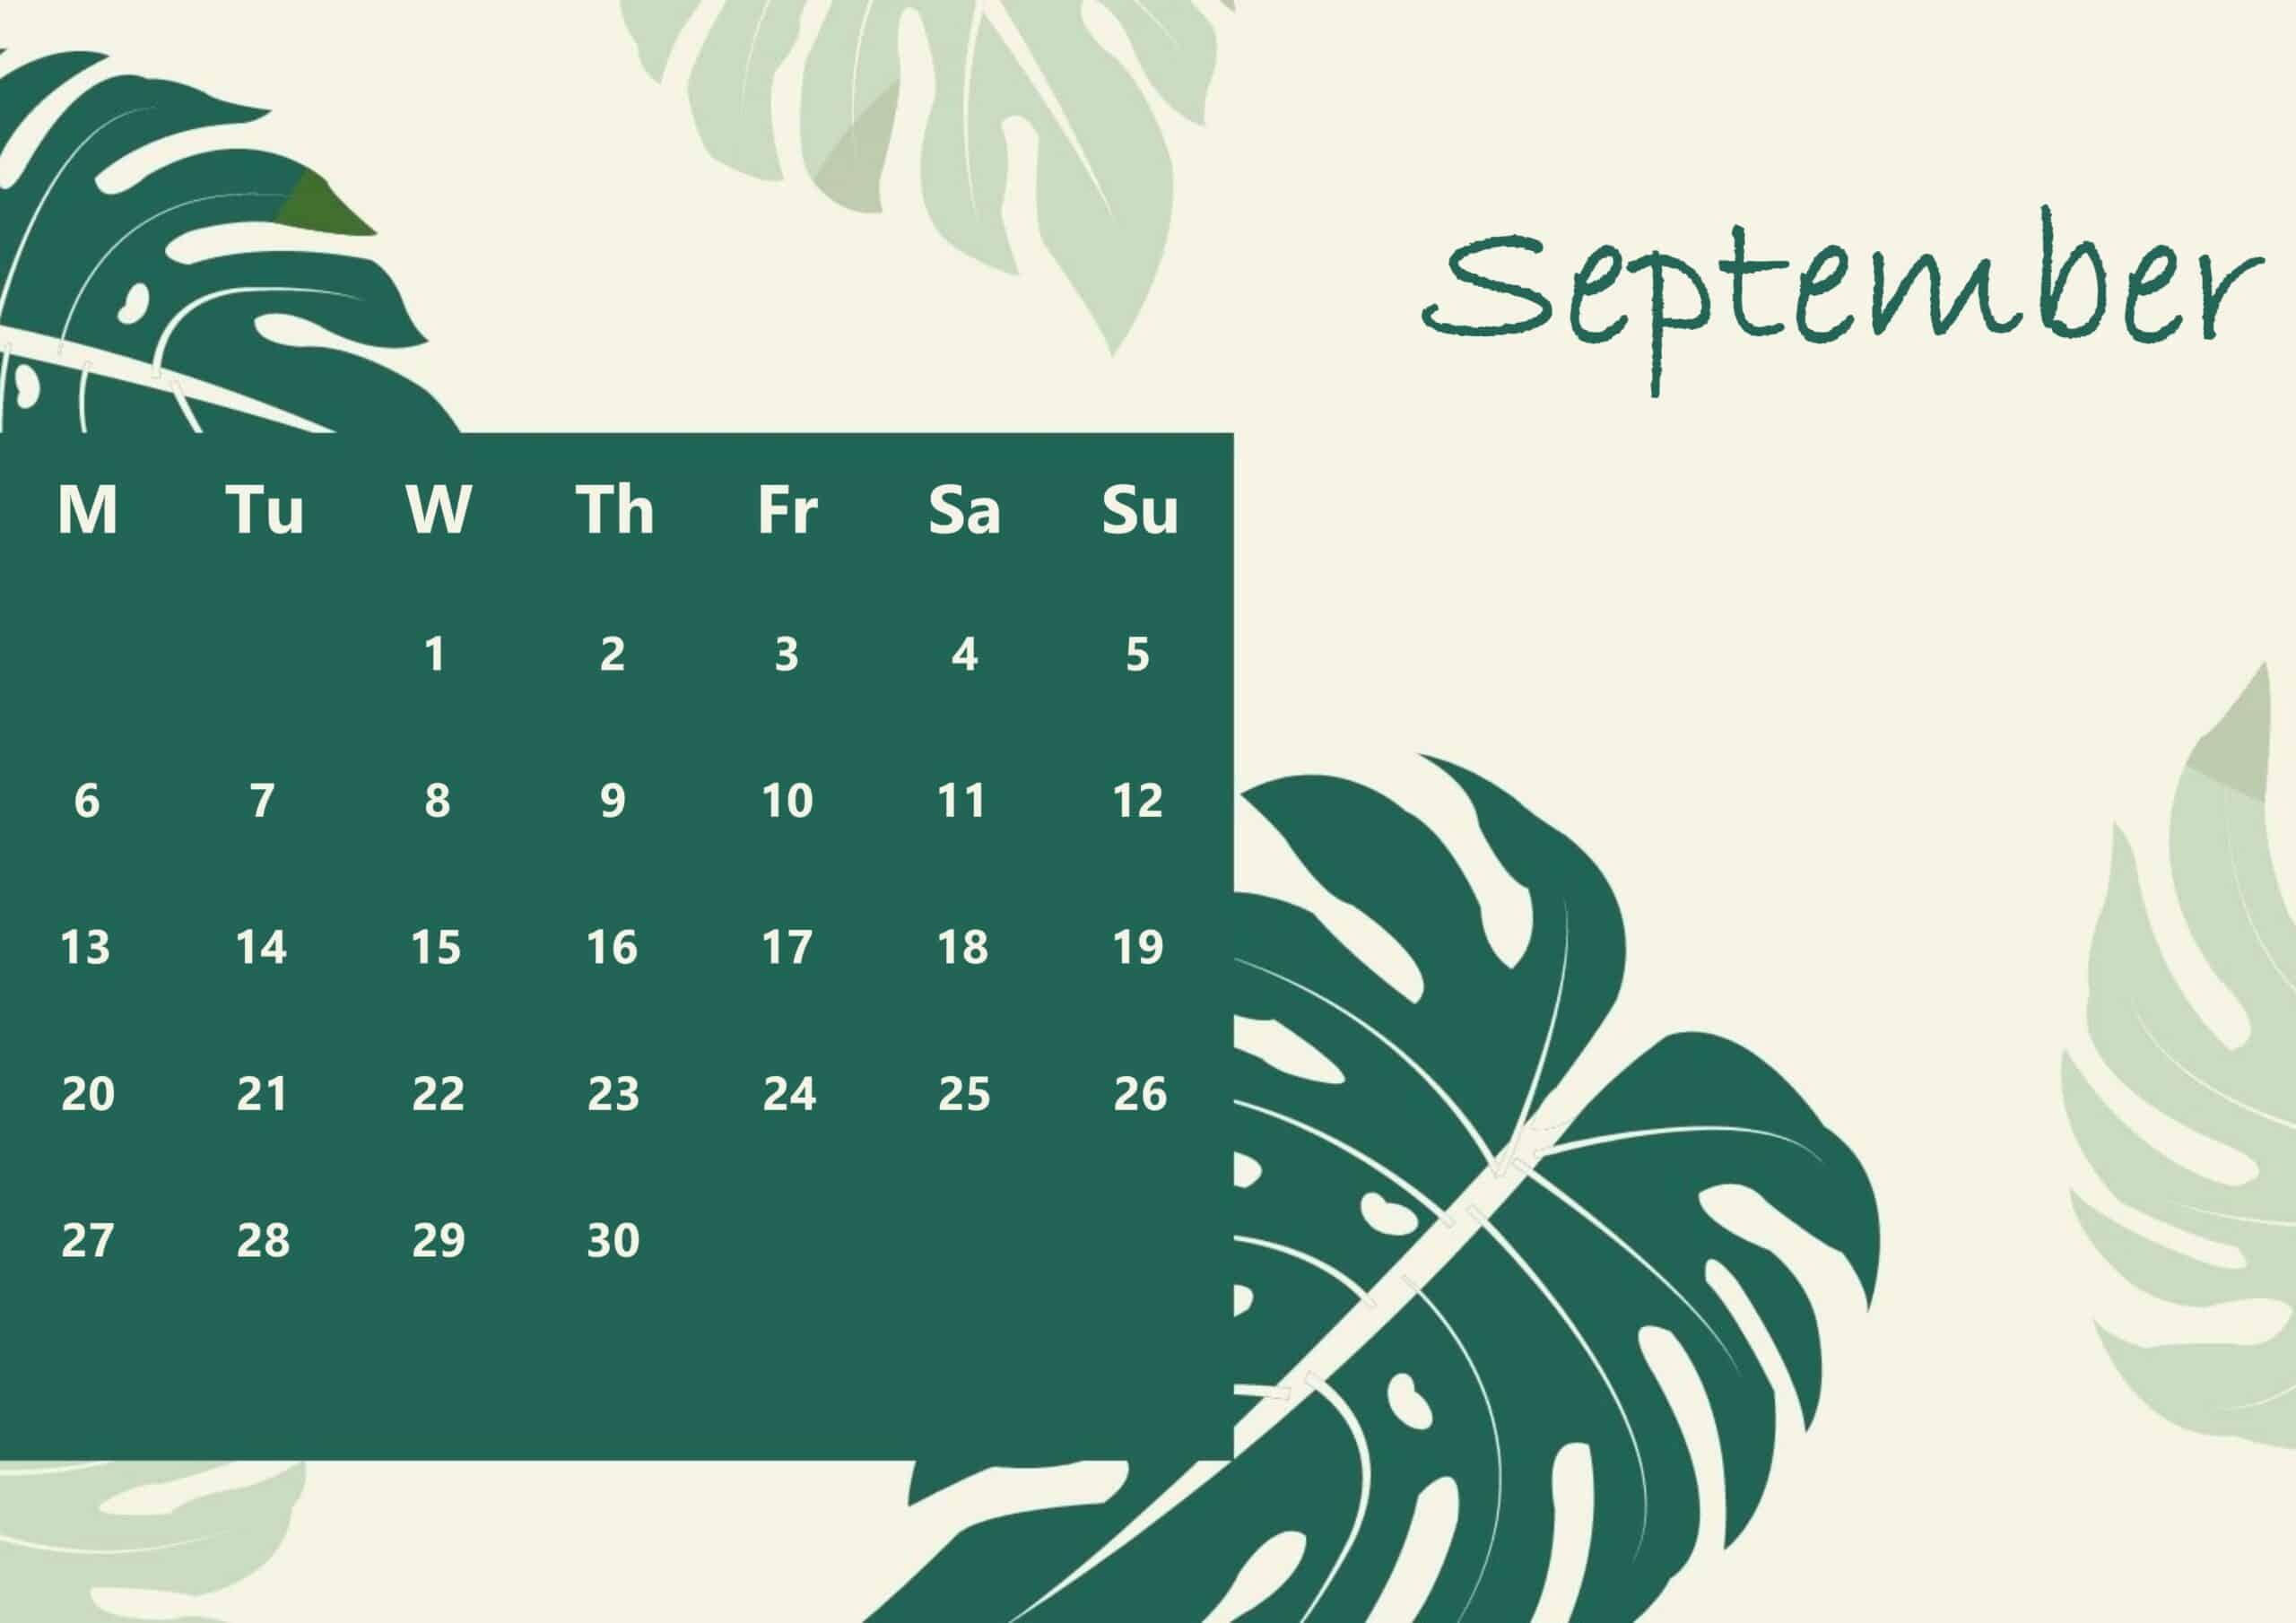 Cute September 2021 Calendar ForMAT